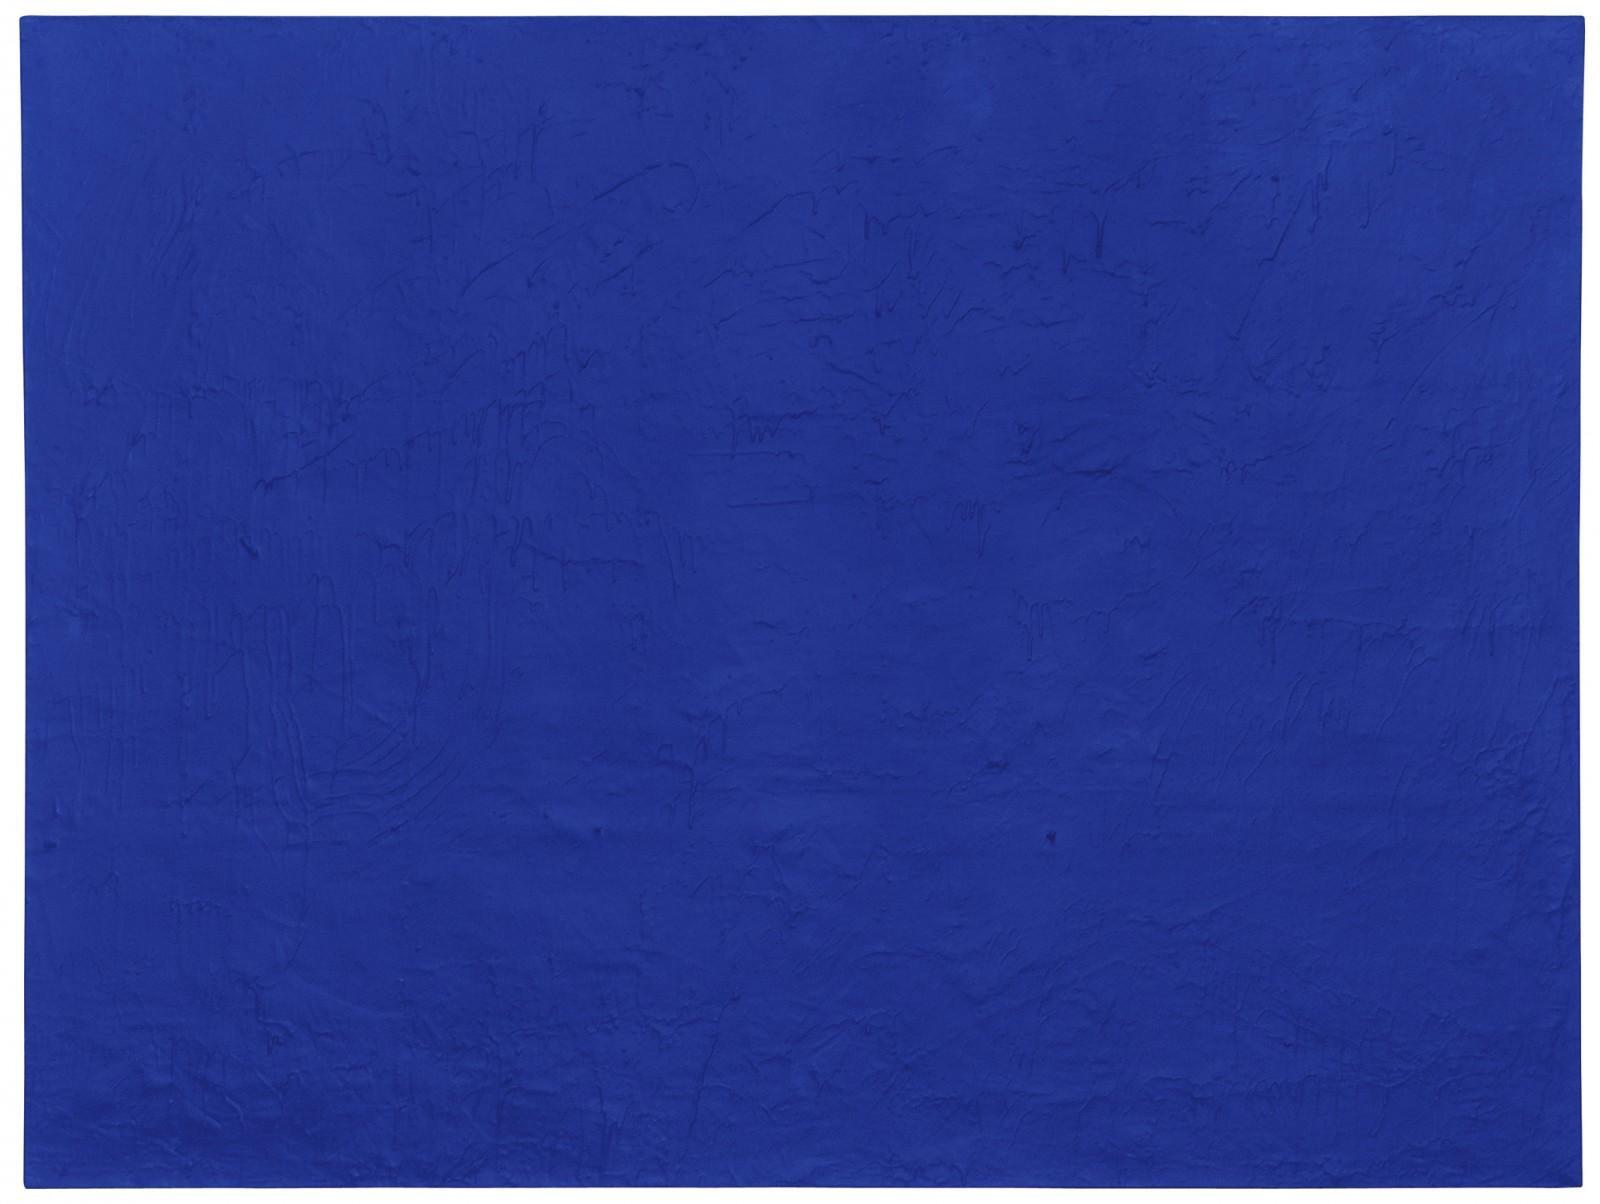 monocromo: Yves Klein - Pigment pur et résine synthétique sur gaze montée sur panneau 150 x 198 cm © Succession Yves Klein c/o ADAGP Paris